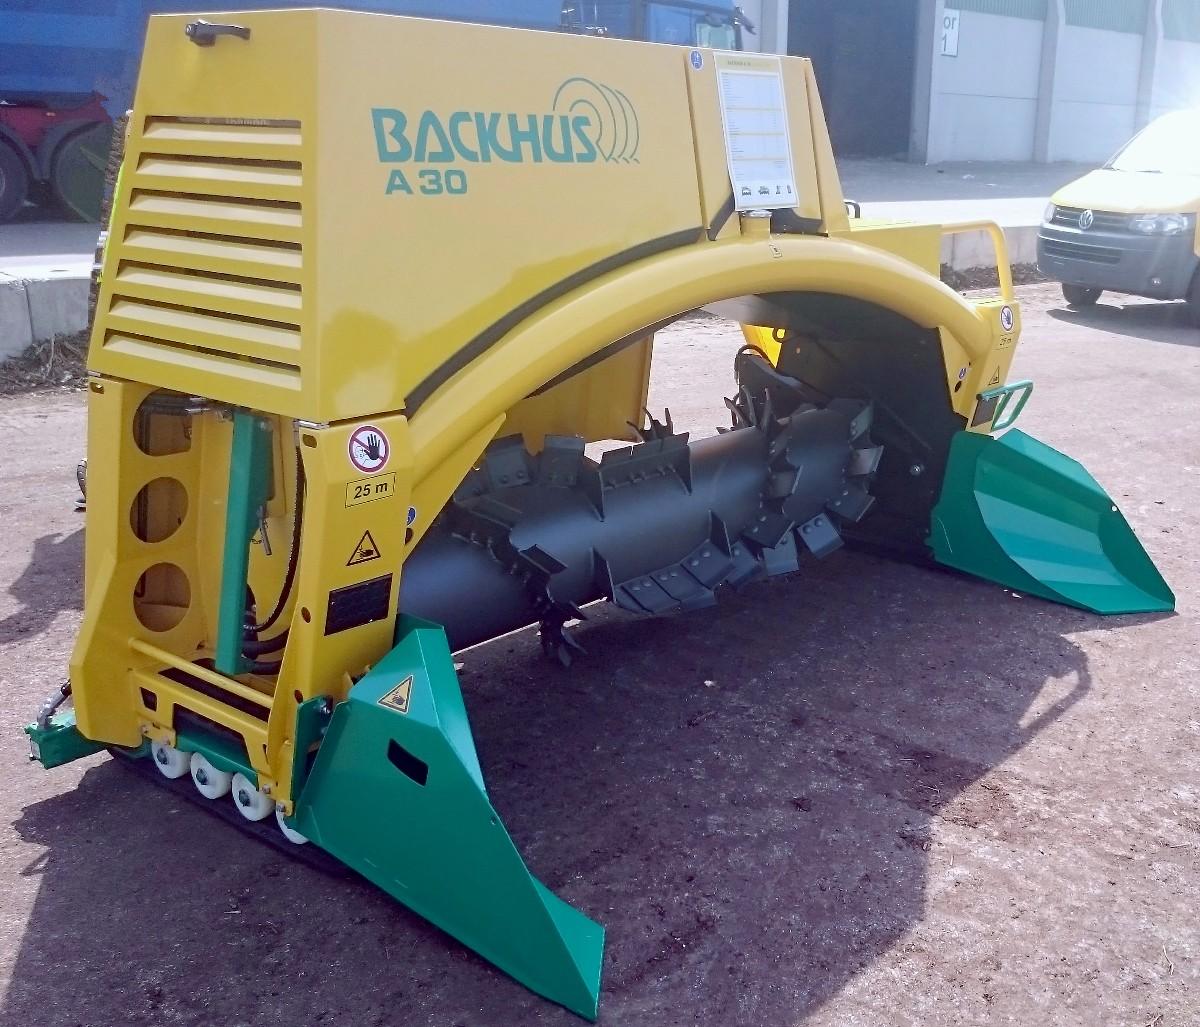 Backhus A30 (6)